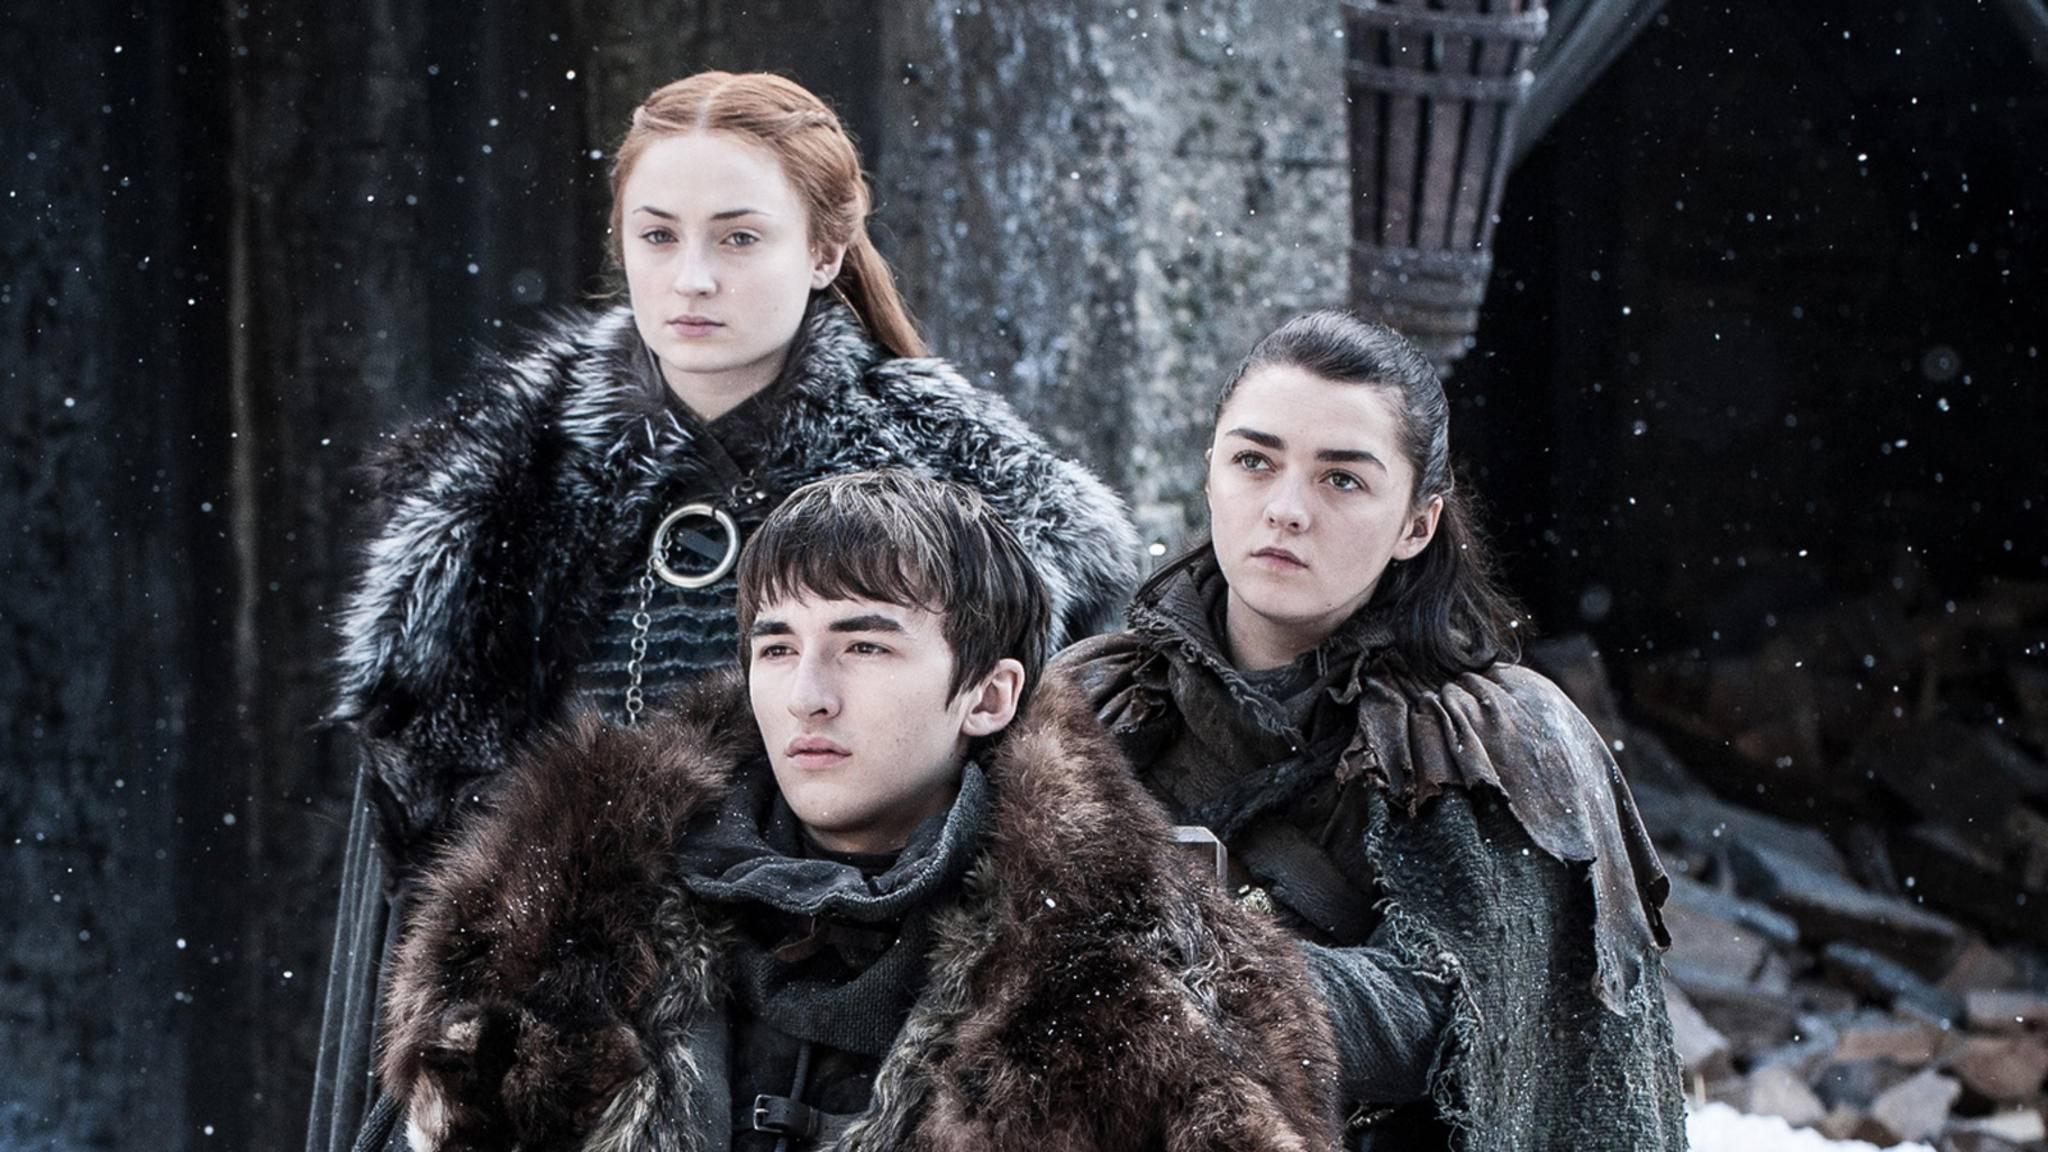 """Welches Ende erwartet wohl die Stark-Kinder in Staffel 8 von """"Game of Thrones""""?"""